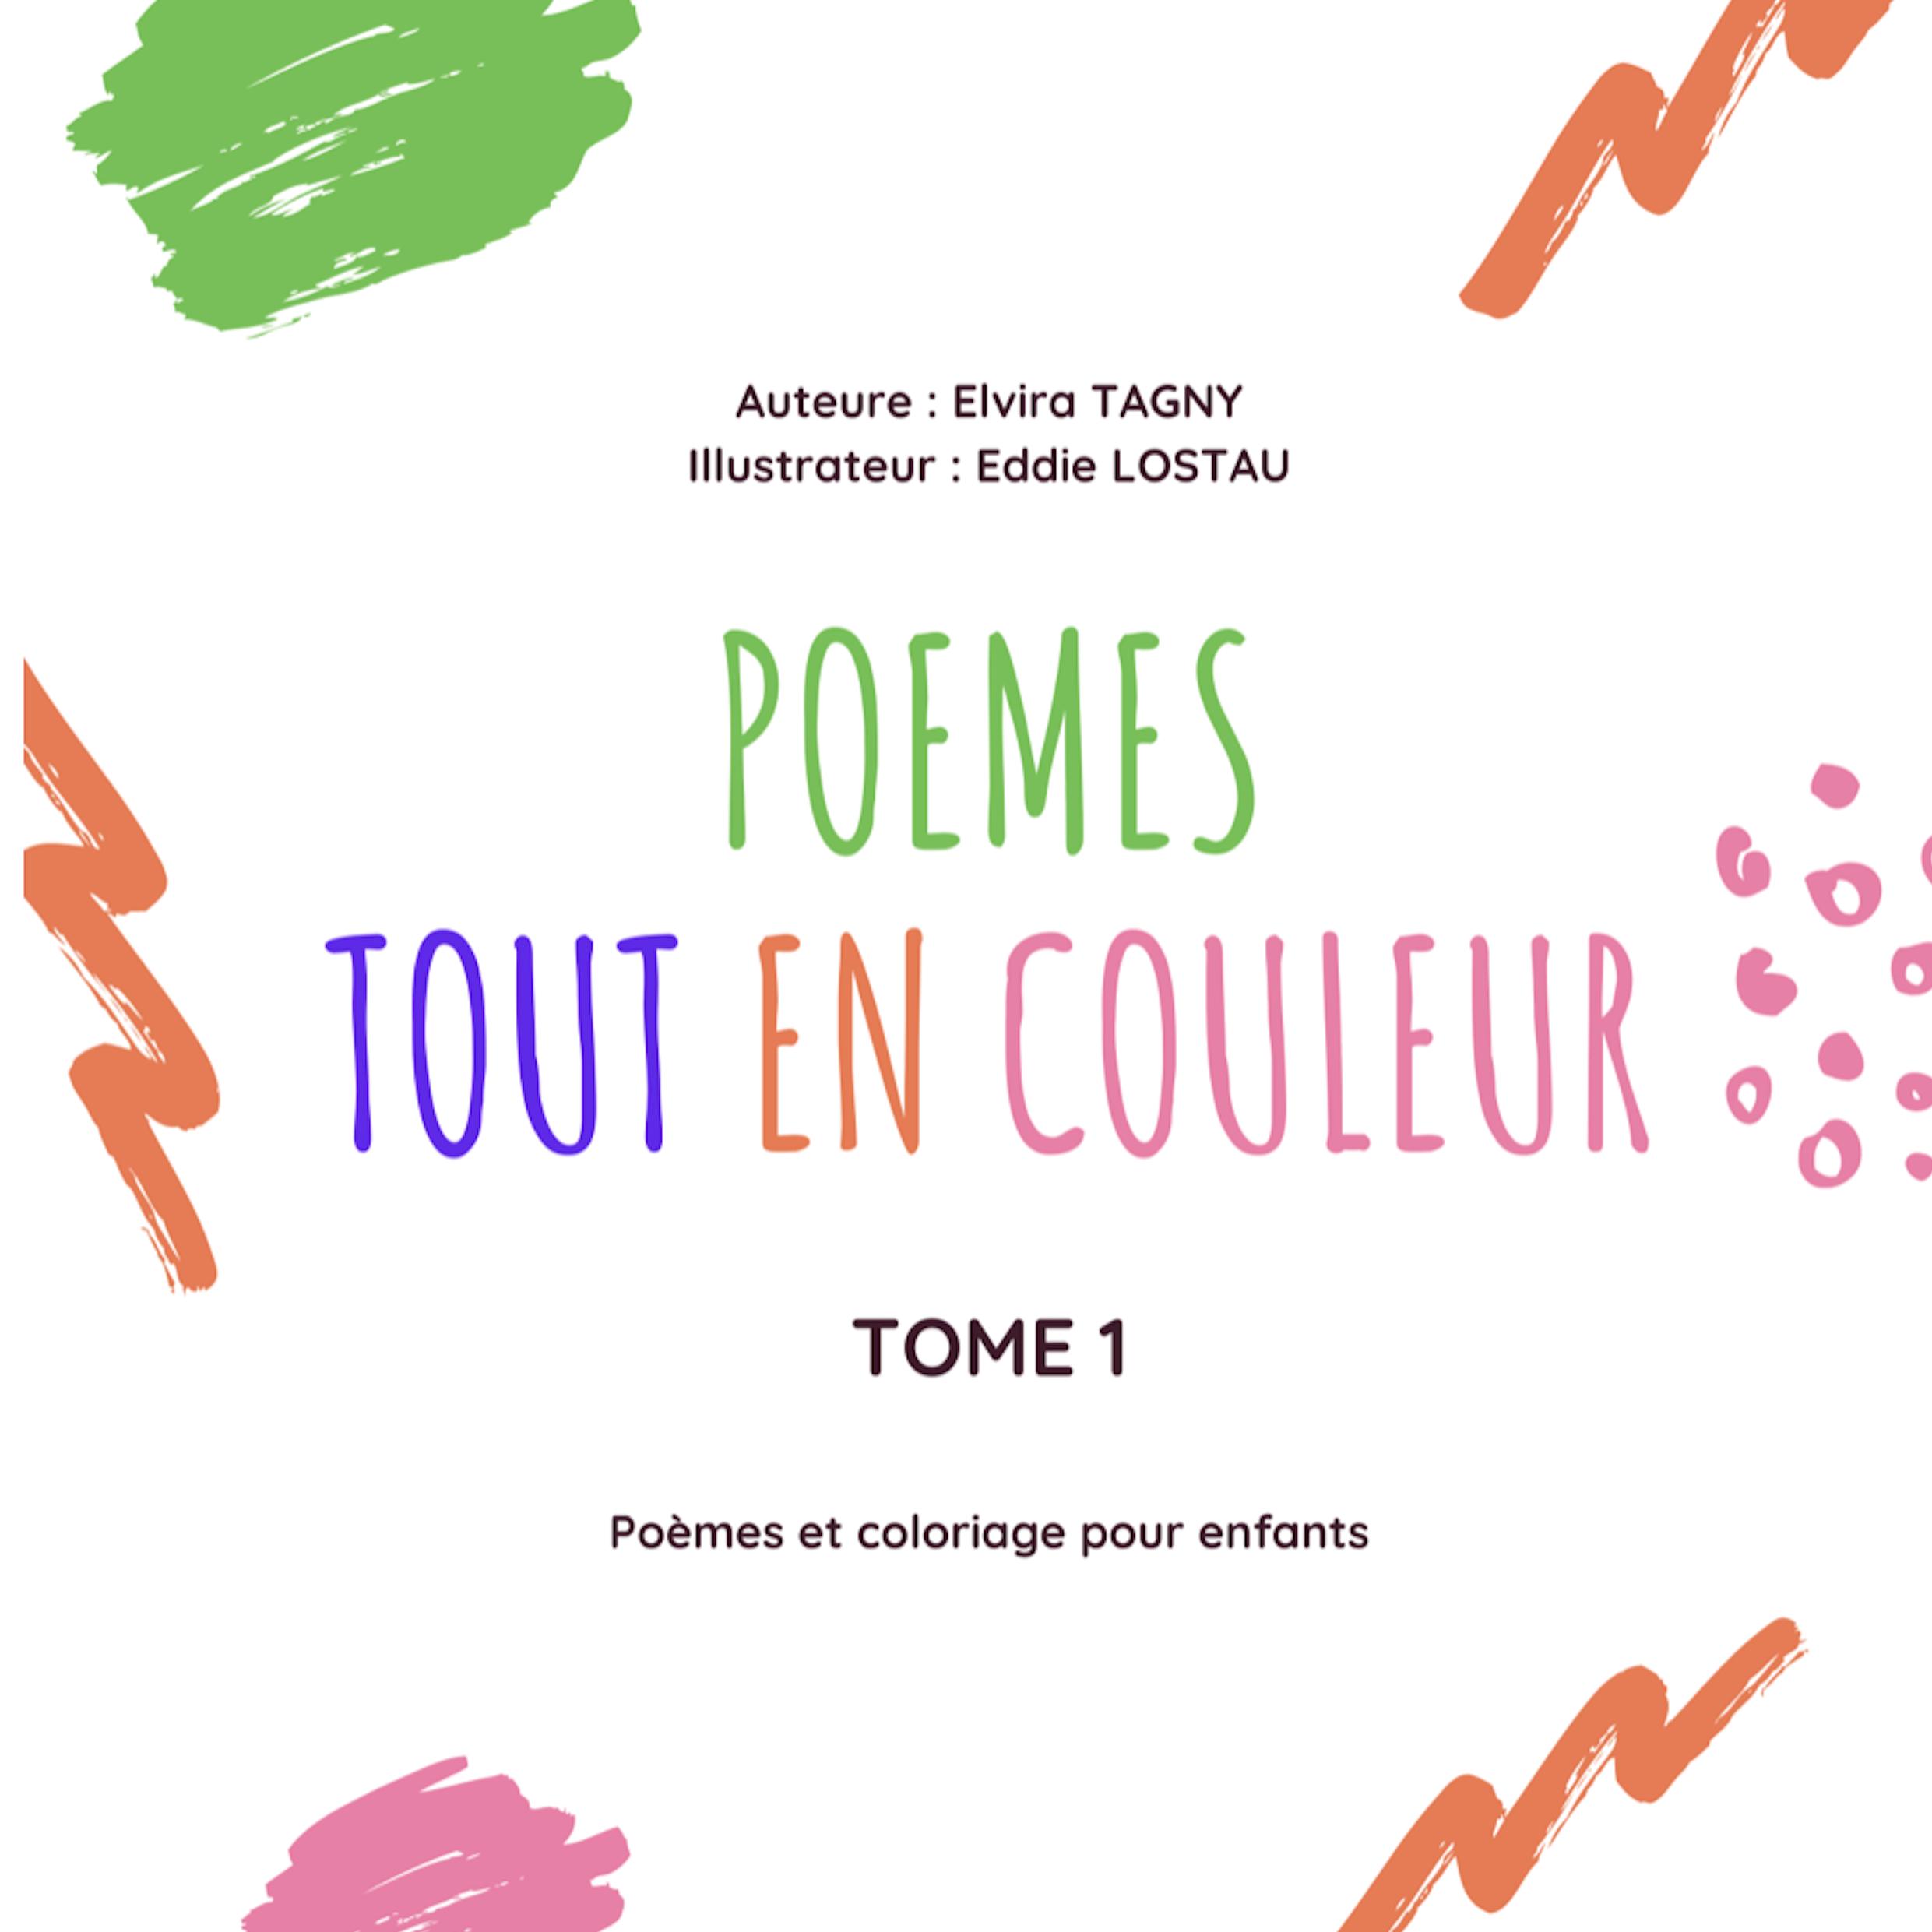 Poèmes tout en couleur Tome 1